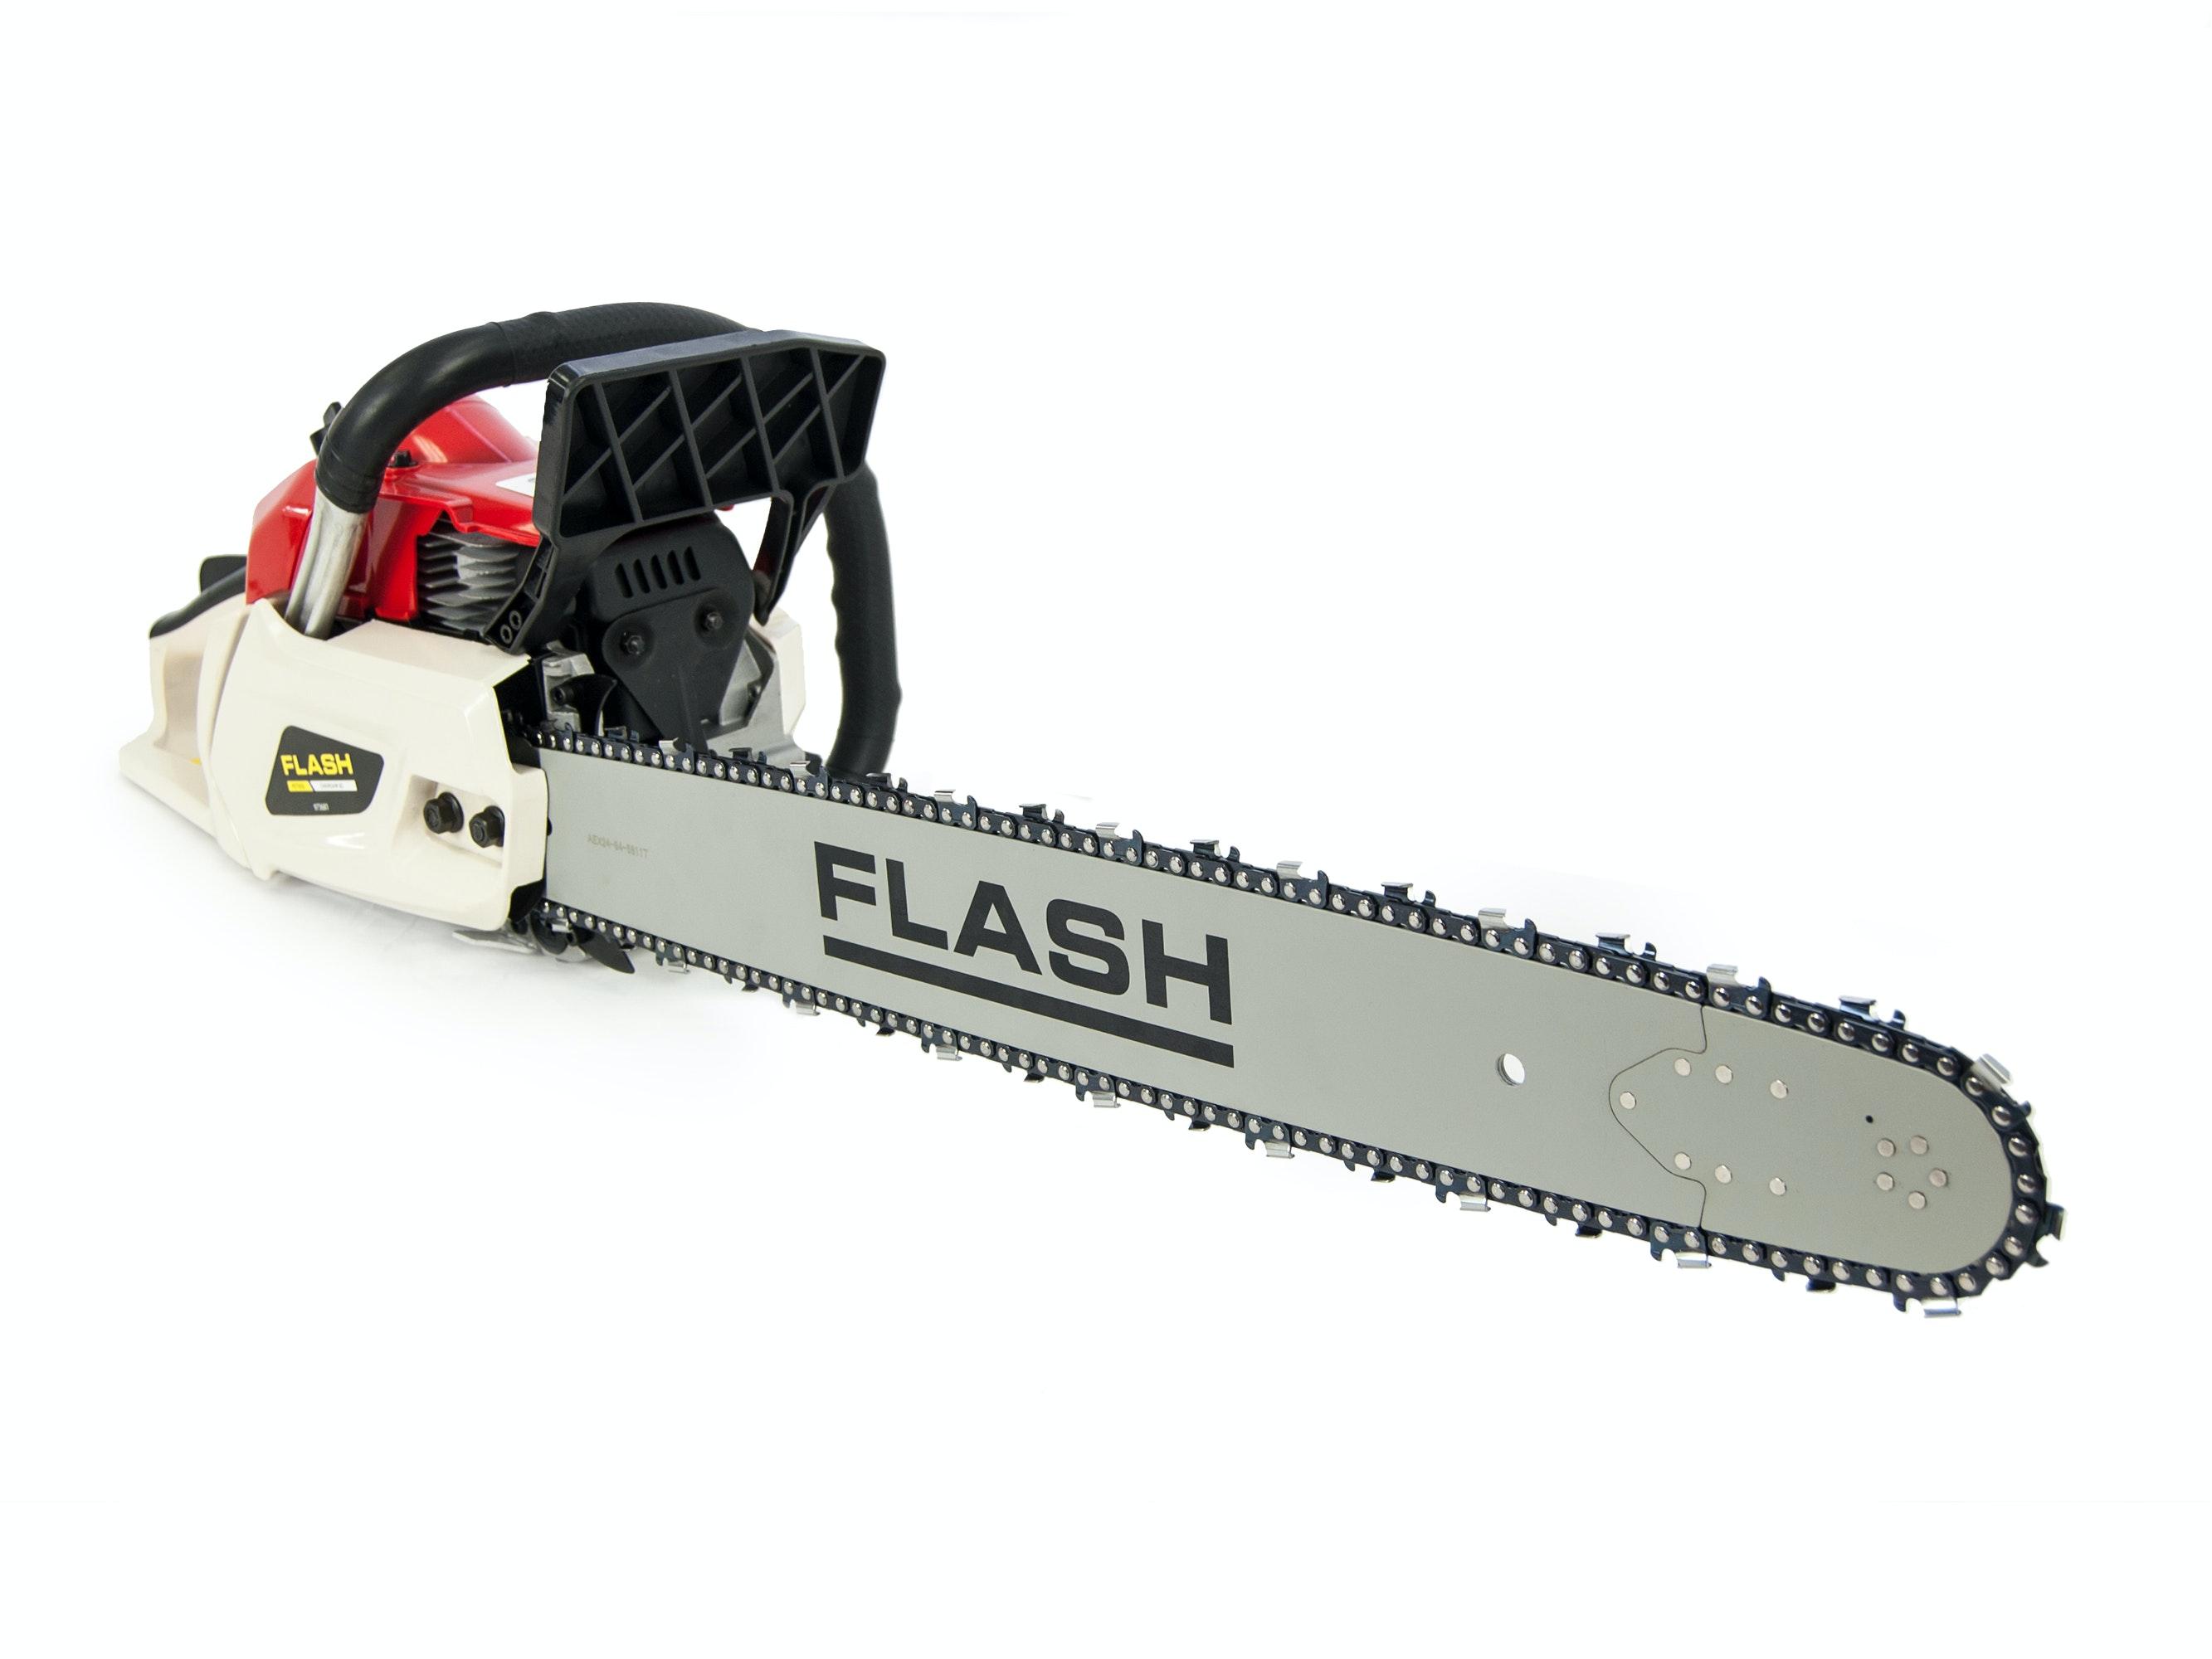 Flash Chainsaw 82cc Heavy Duty with 24